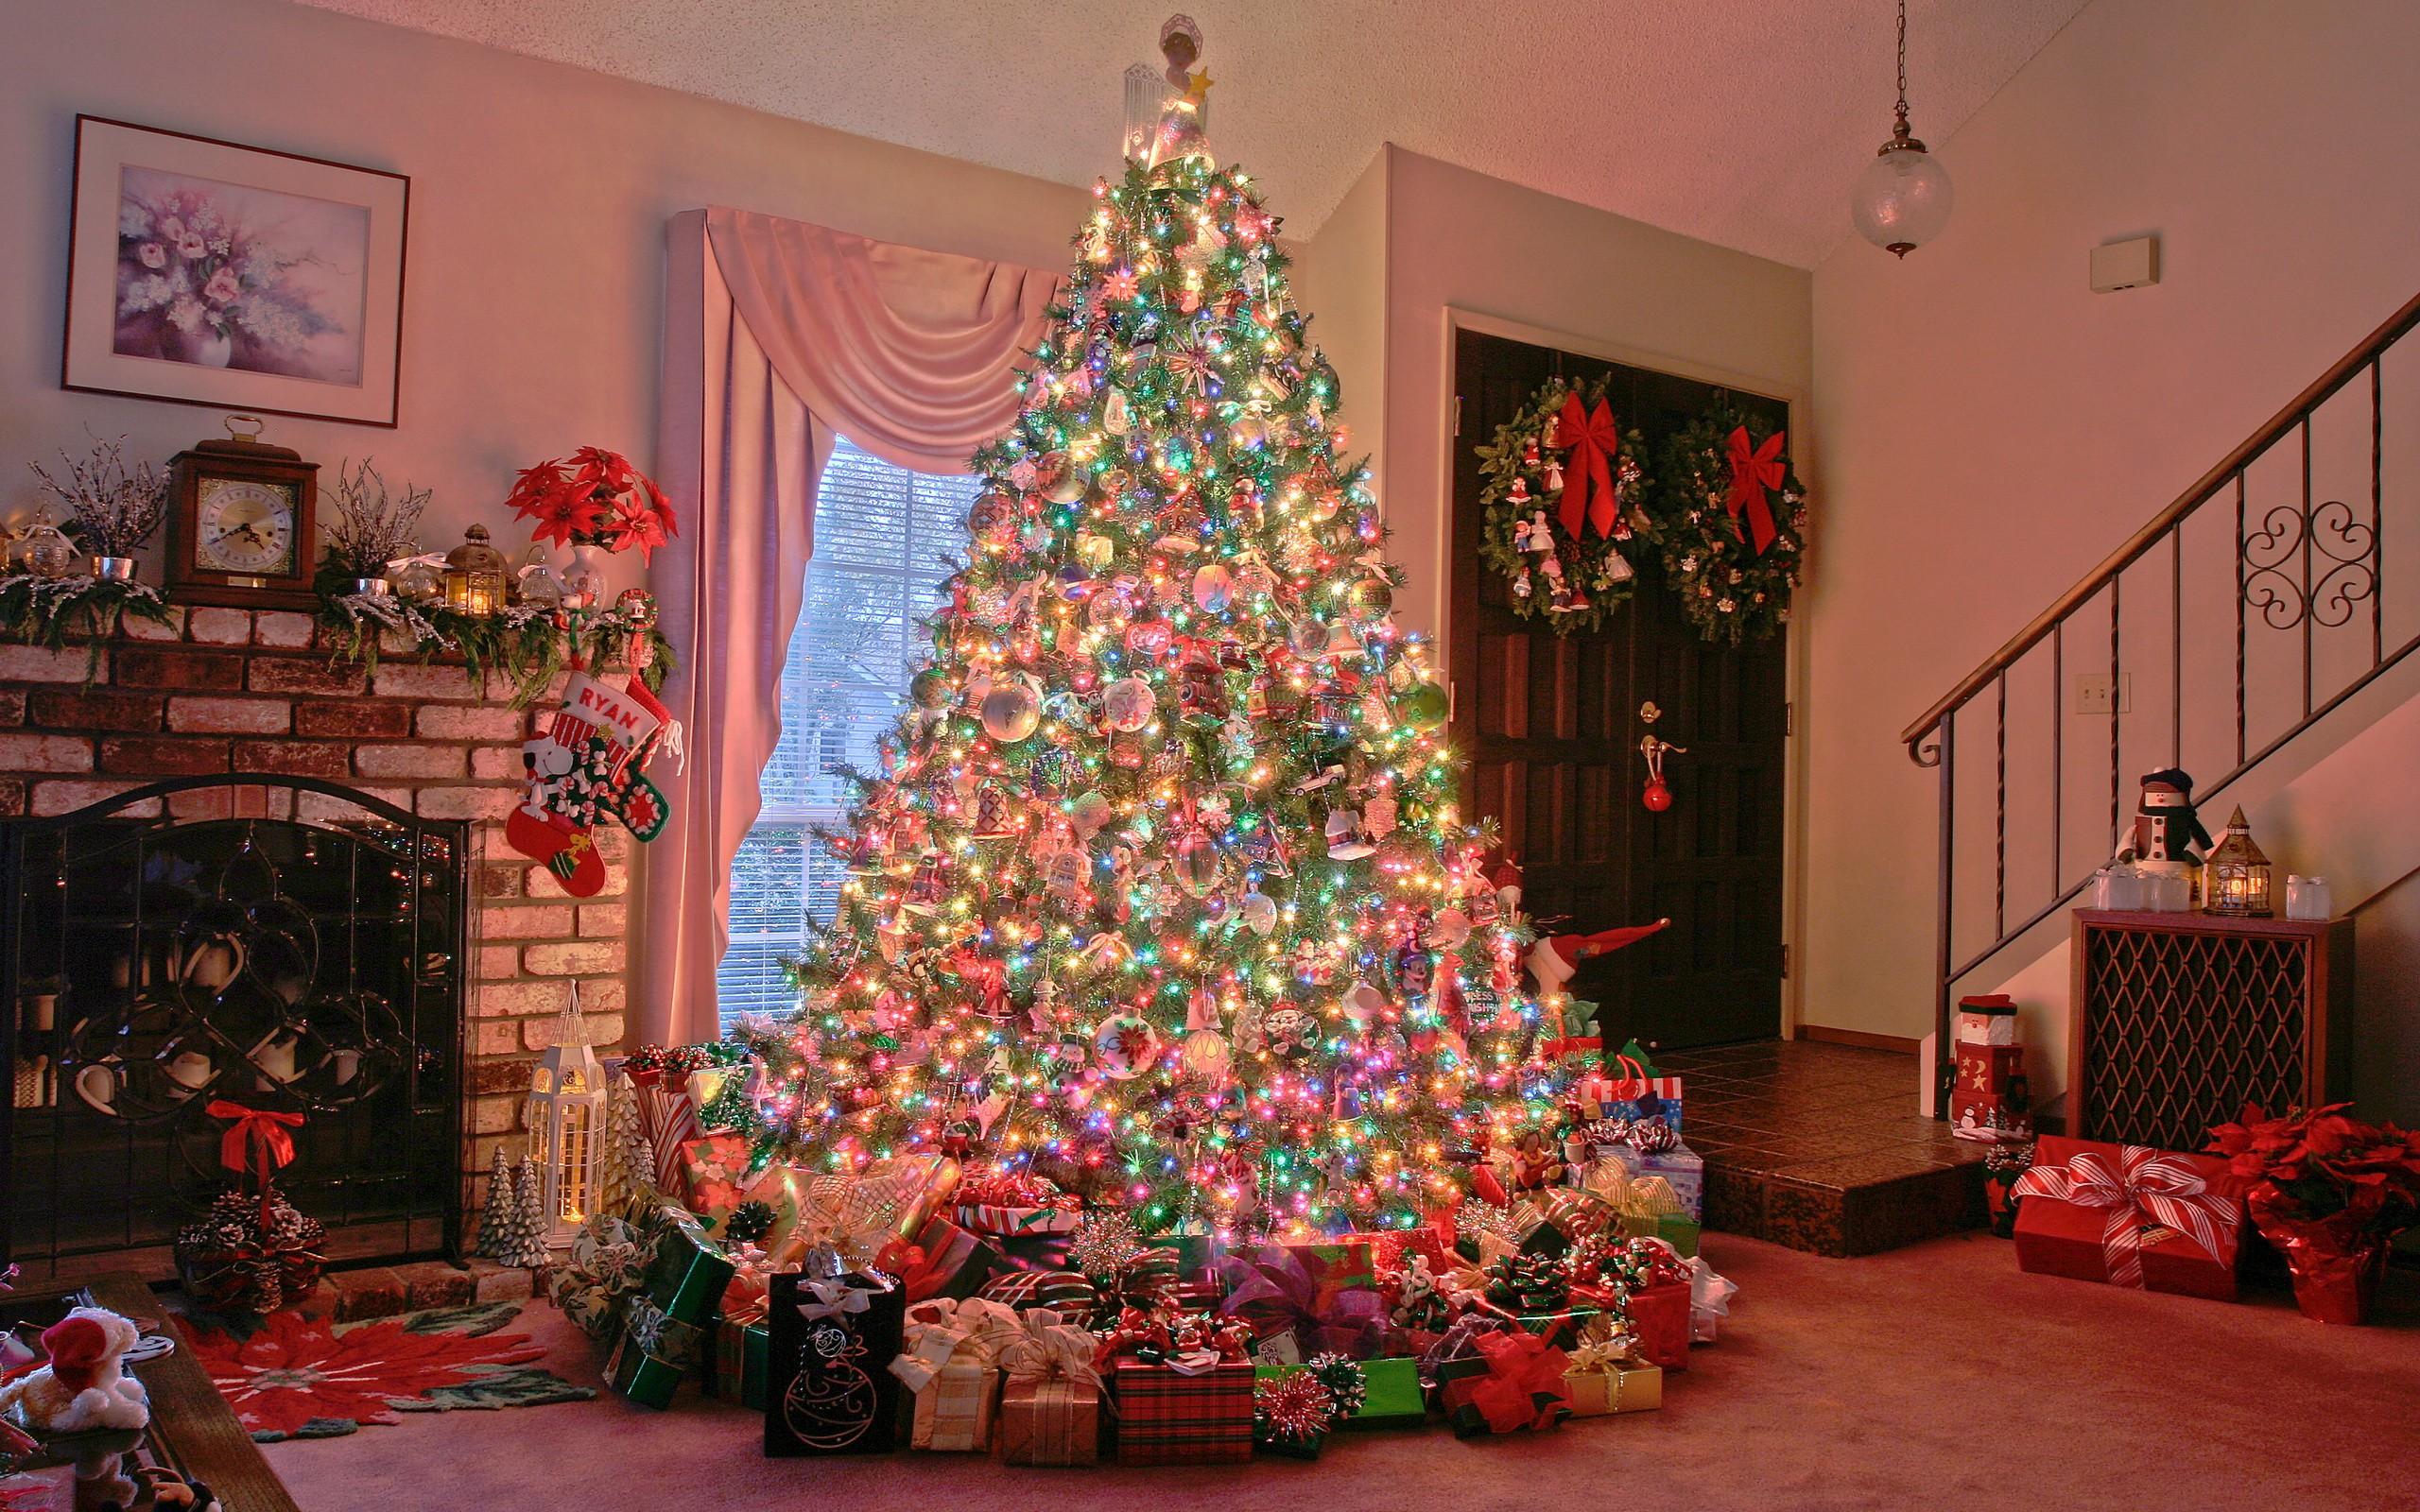 Arbol de navidad y decenas de regalos - 2560x1600